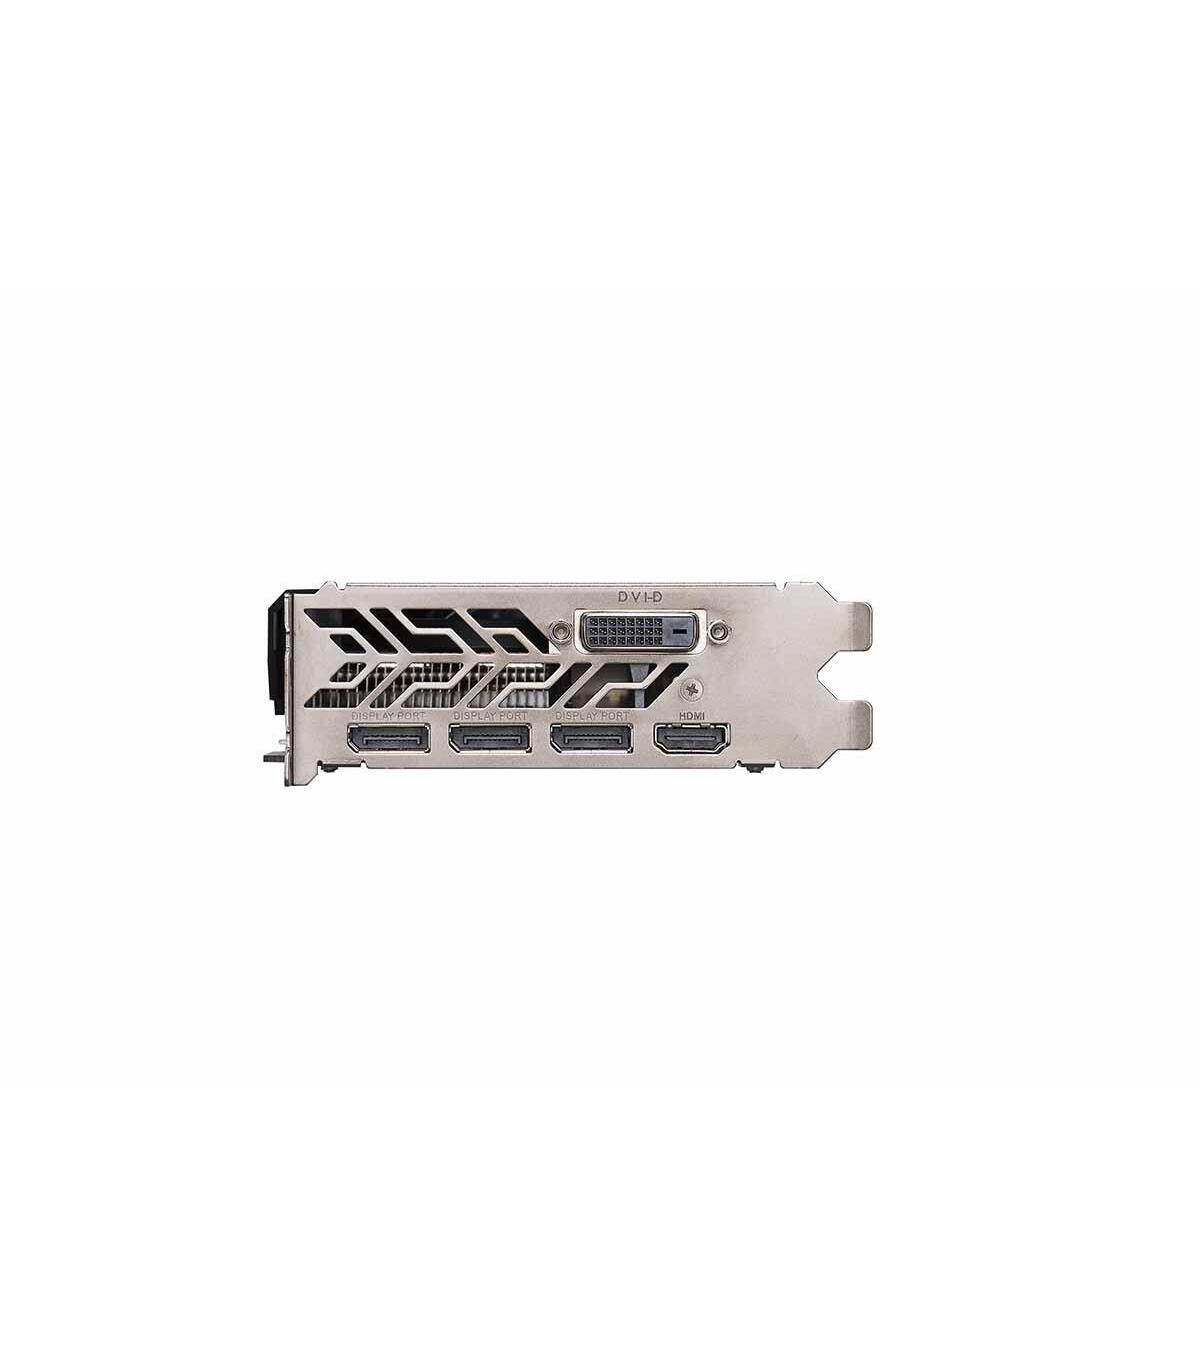 VGA ASROCK RX 570 4GB PHANTOM GAMING X OC GDDR5, DMI,DVI,DP*3